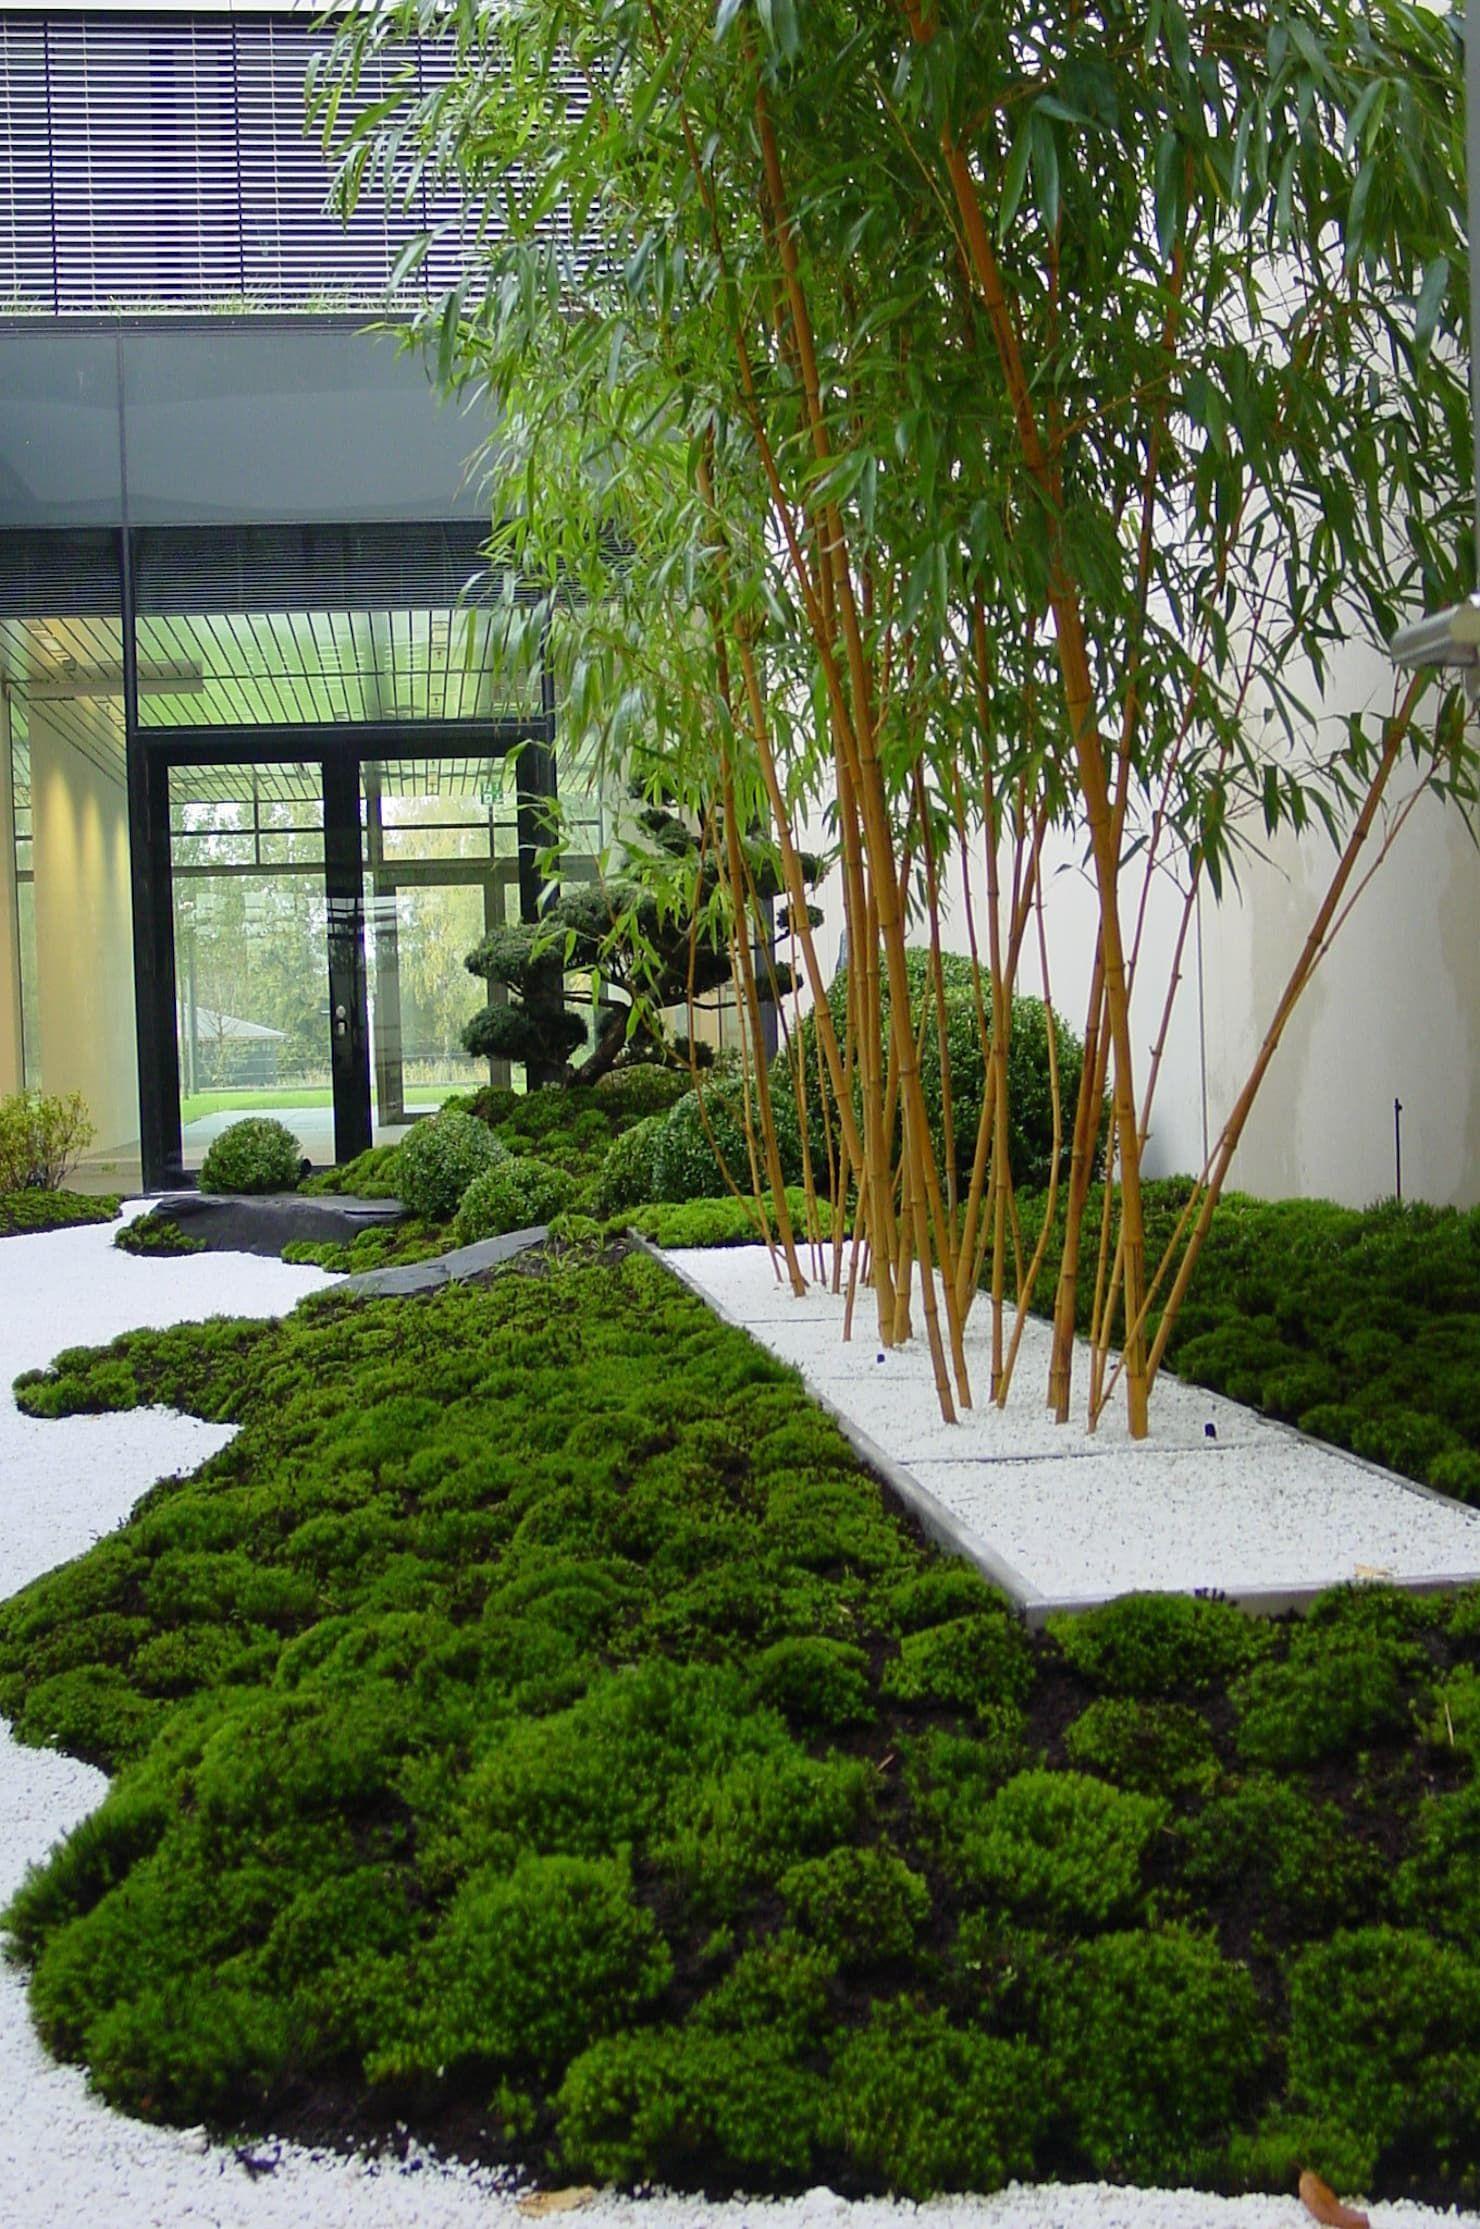 Atriumgarten hannover – schulungszentrum asiatische schulen von kokeniwa japanische gartengestaltung asiatisch | homify